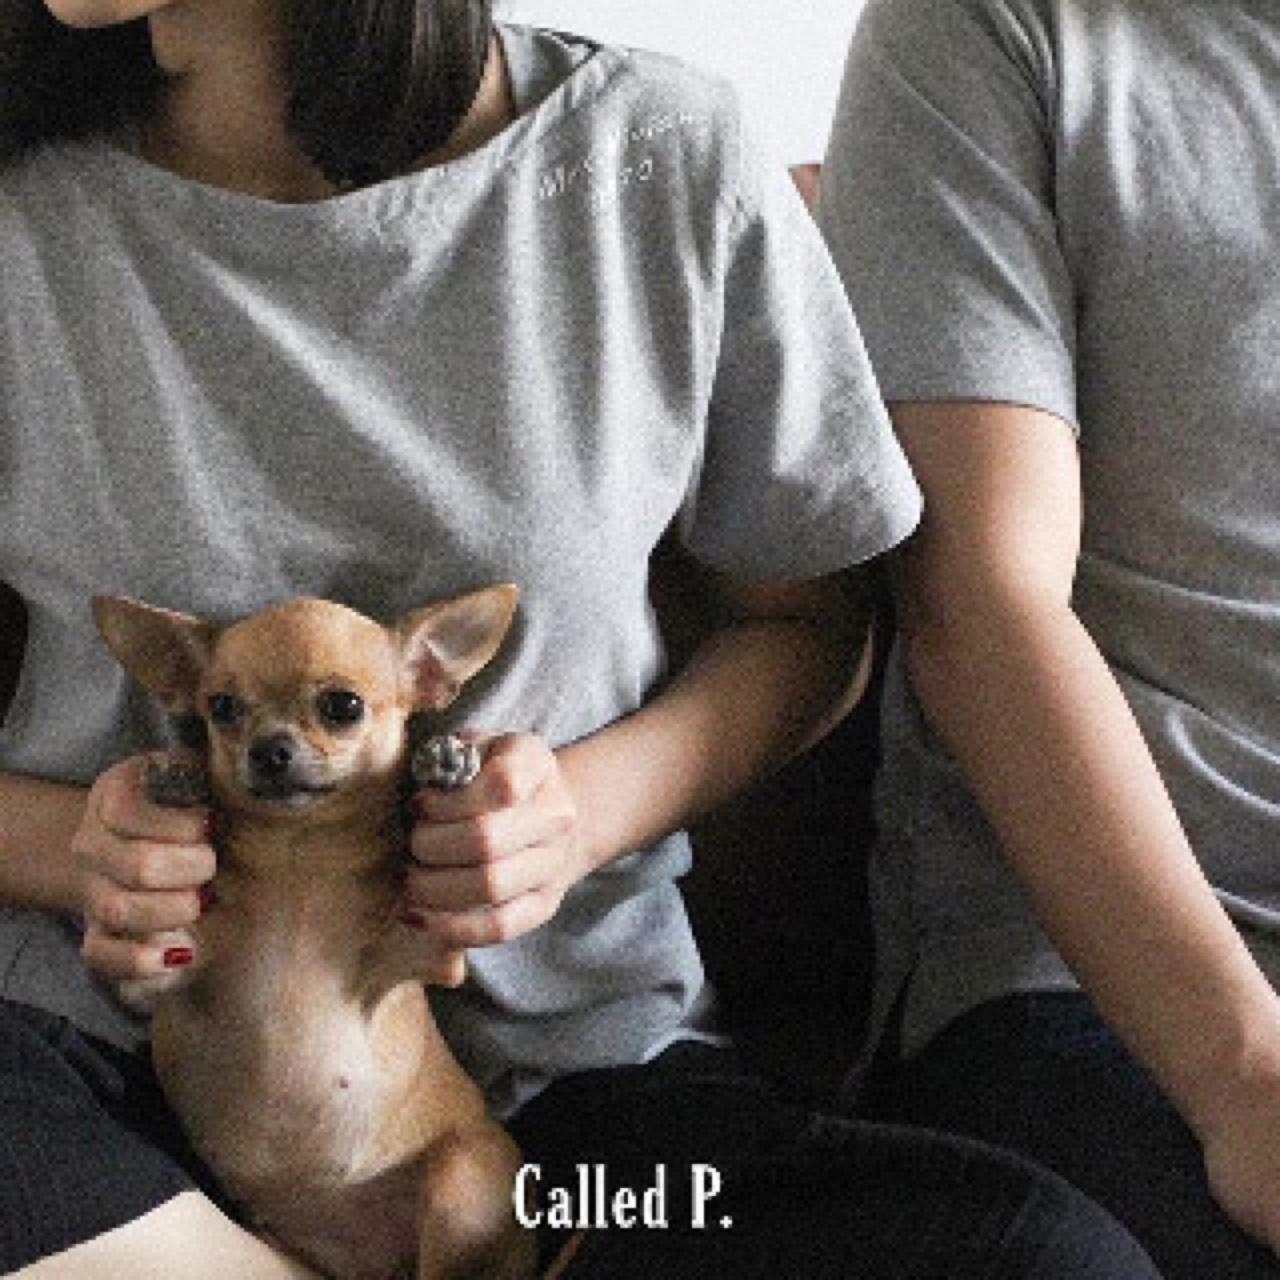 called_p,calledpplain,CalledPBoatNeckTee,CalledP